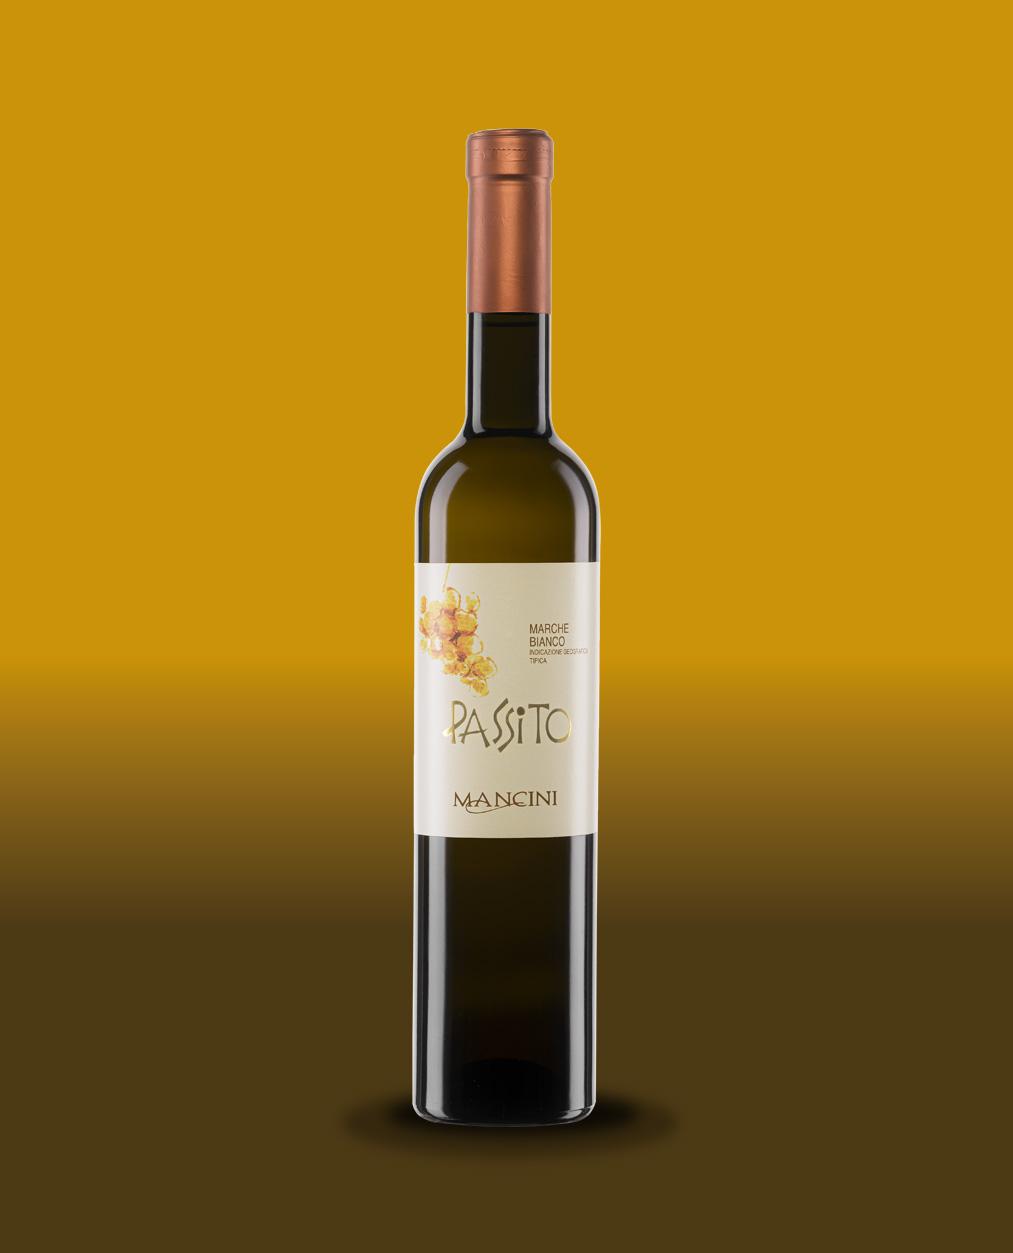 Passito - Mancini Vini - Moie di Maiolati (An)